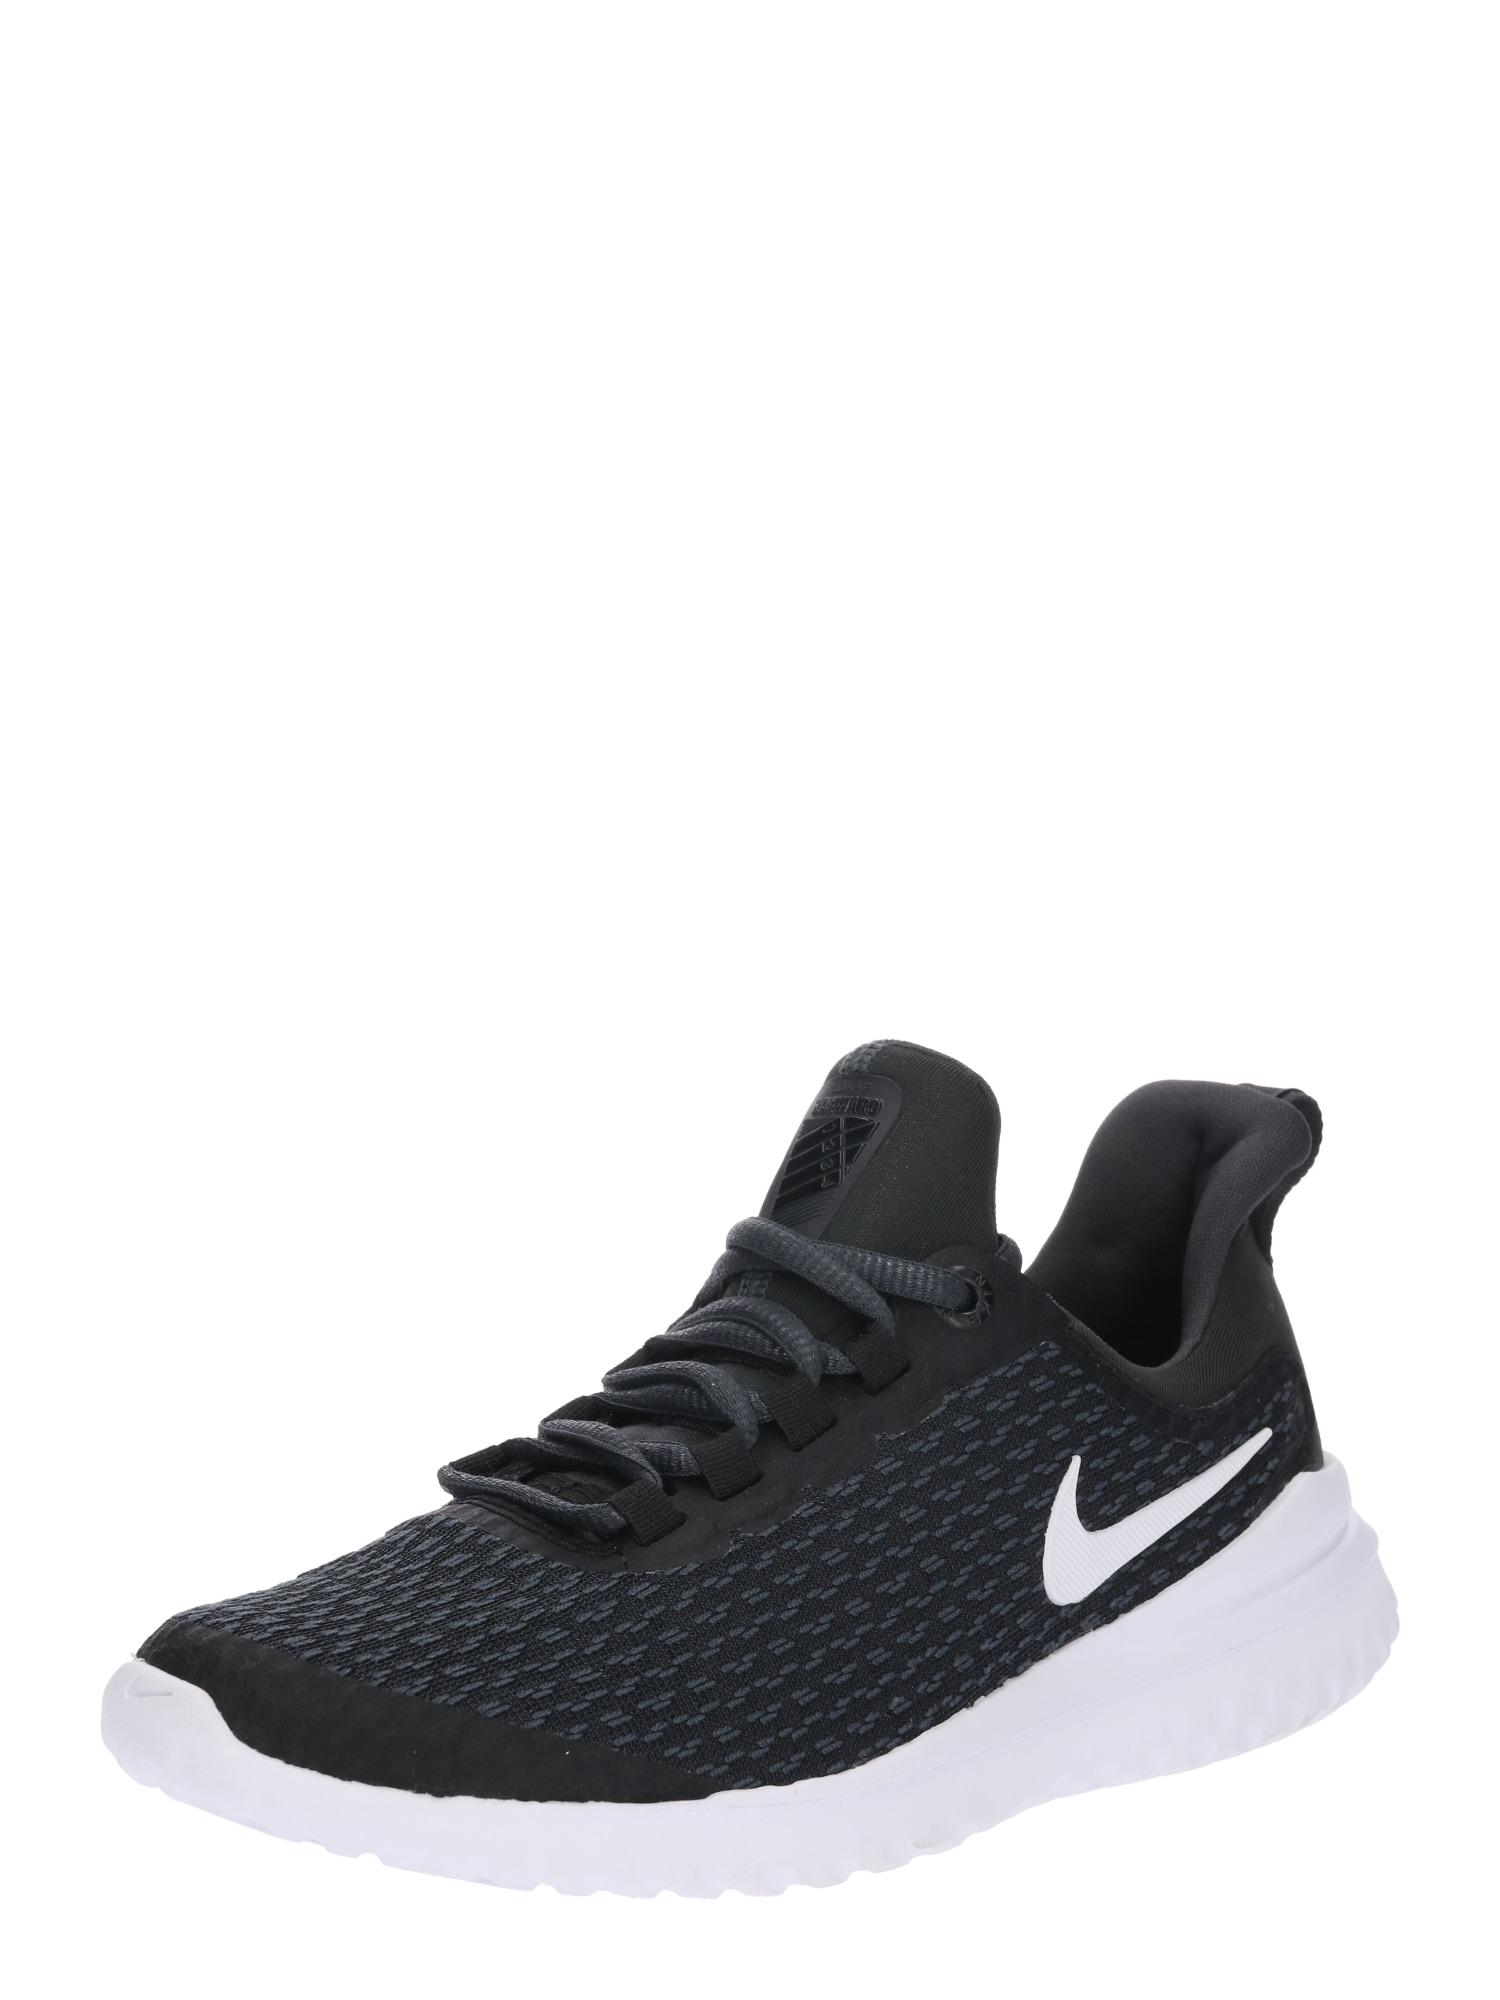 Sportovní boty Lunar Hayward černá bílá NIKE